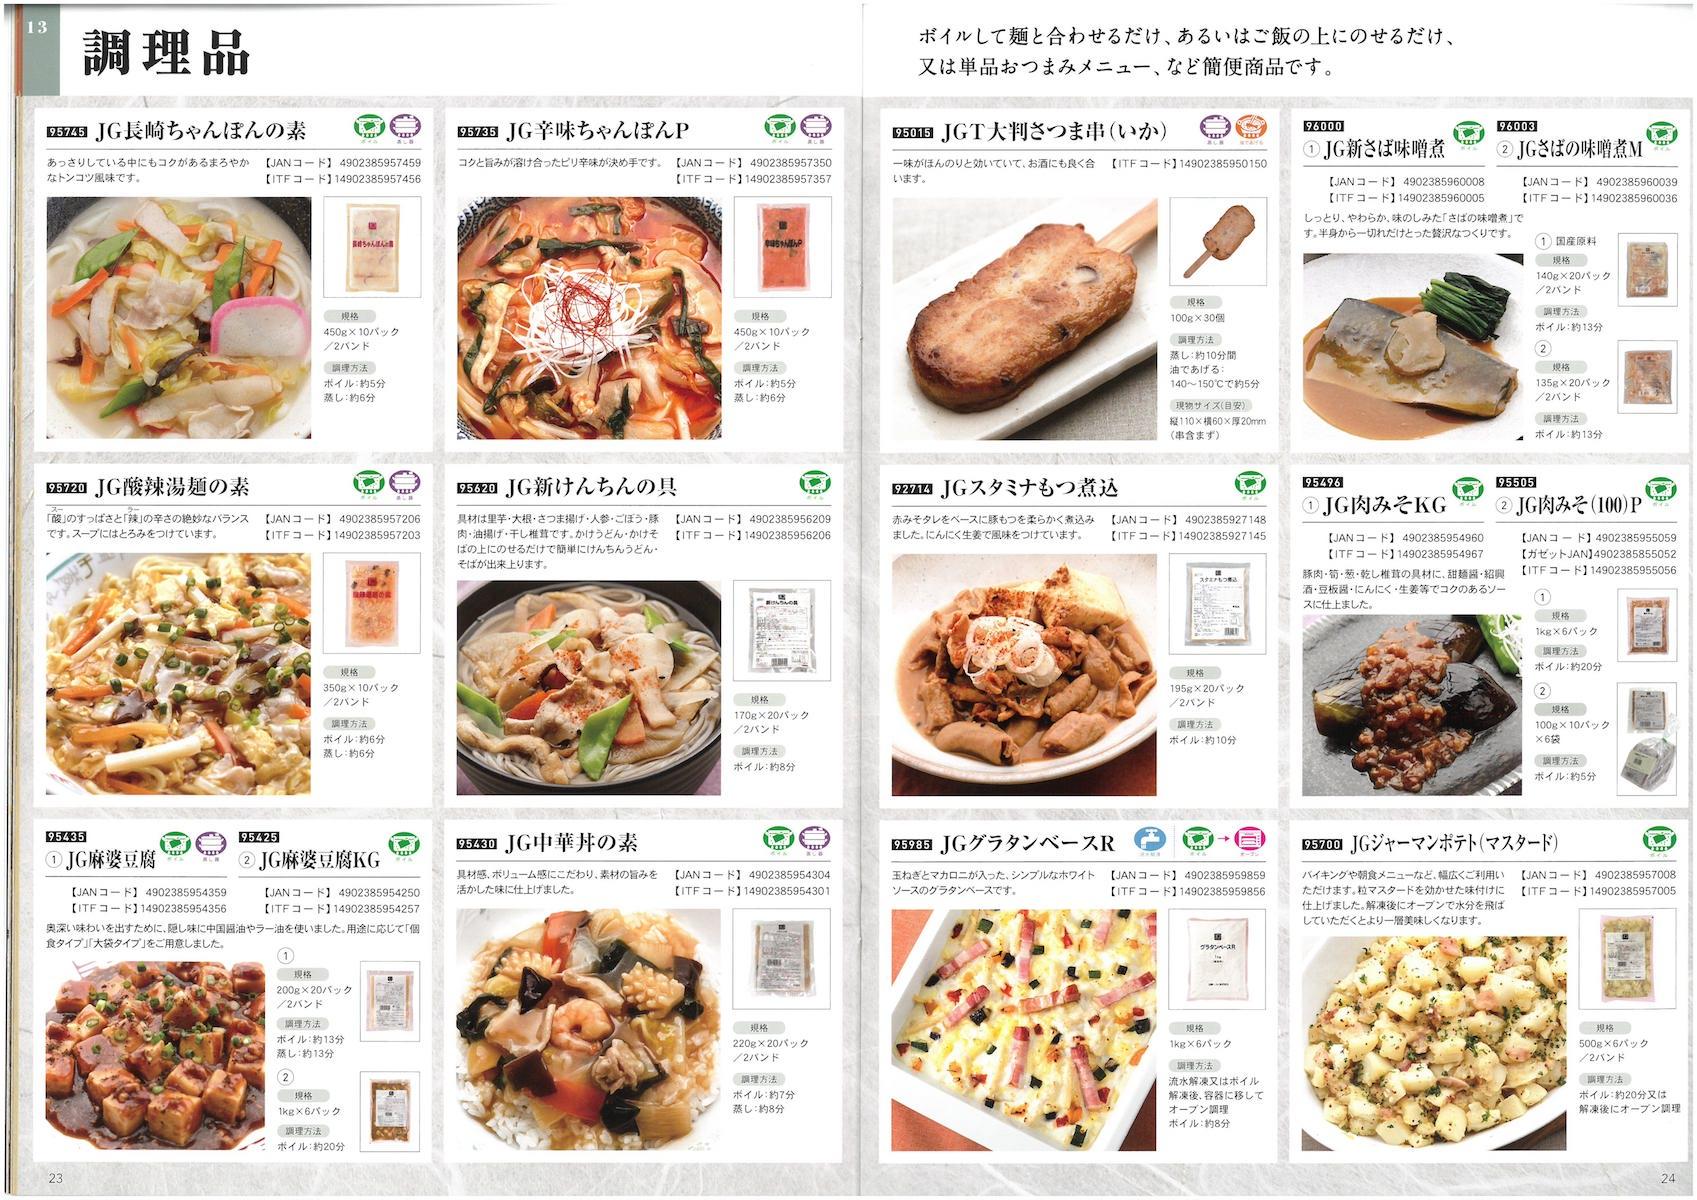 日東ベスト業務用外食向け食材ジョイグルメ 総合カタログ2018